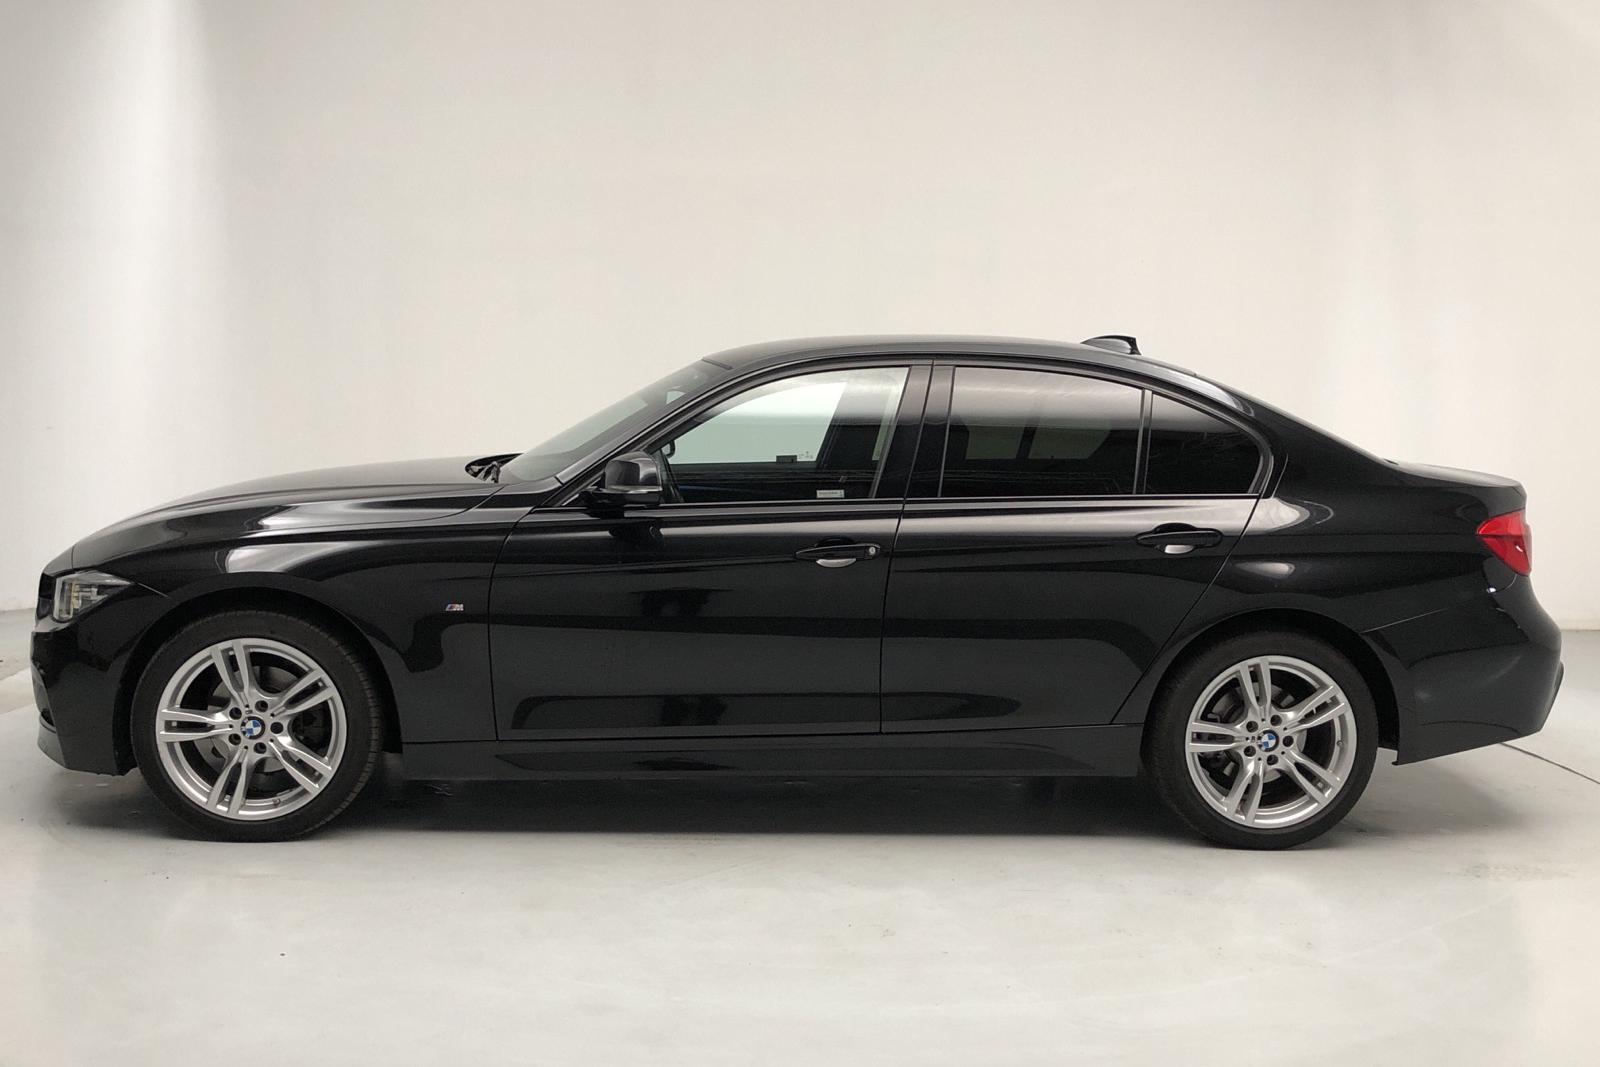 BMW 320i xDrive Sedan, F30 (184hk) - 0 km - Automatic - black - 2018